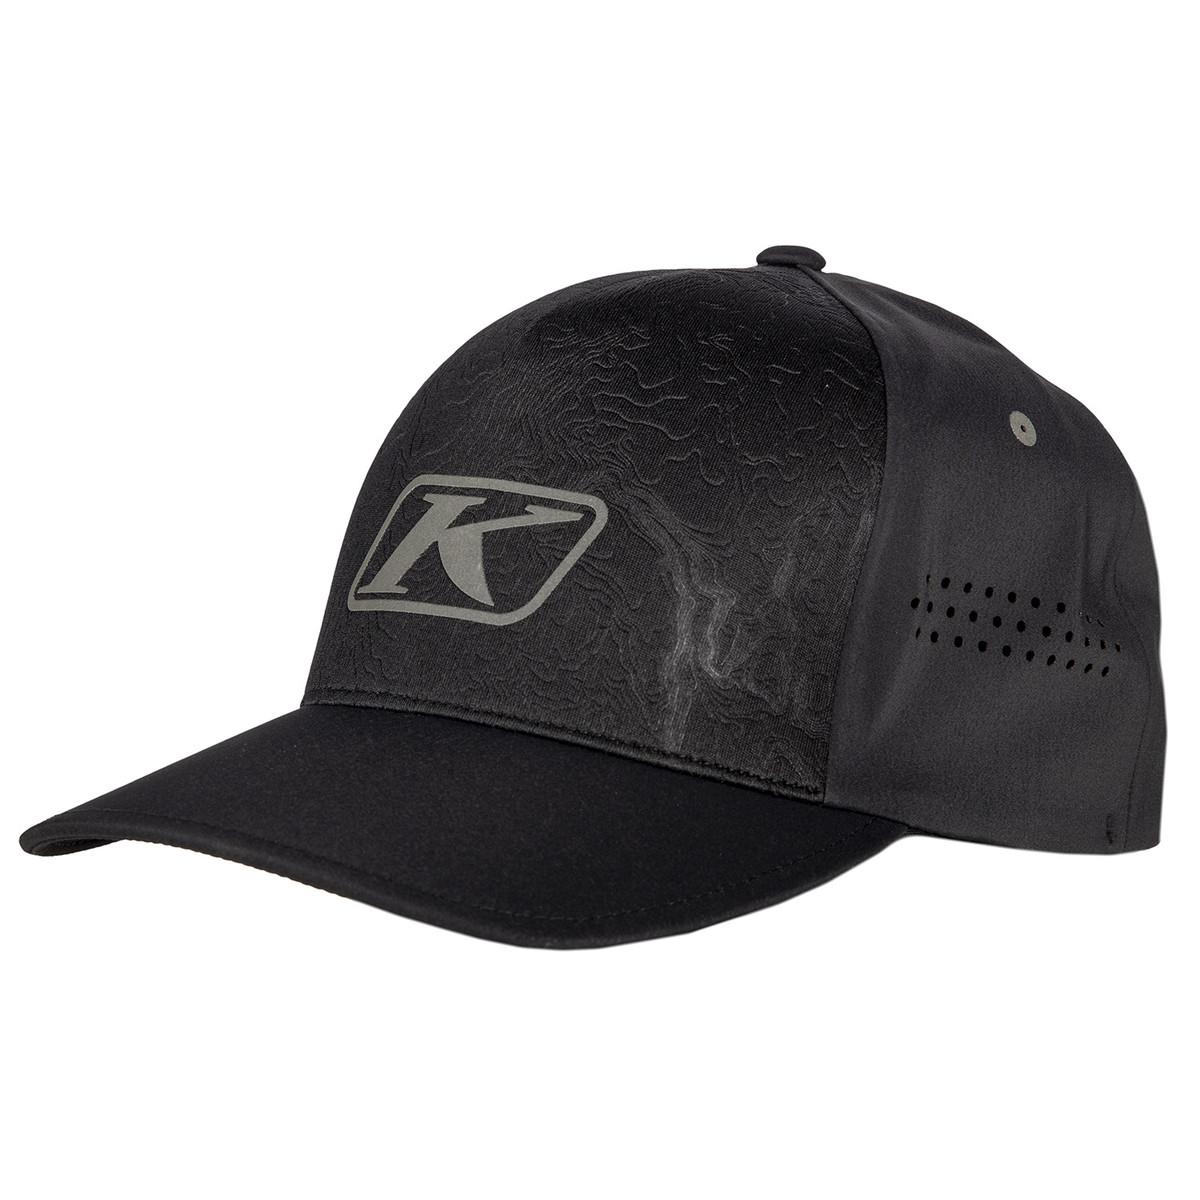 085d66bc3ed4b4 Rally Tech Hat. $34.99. Black